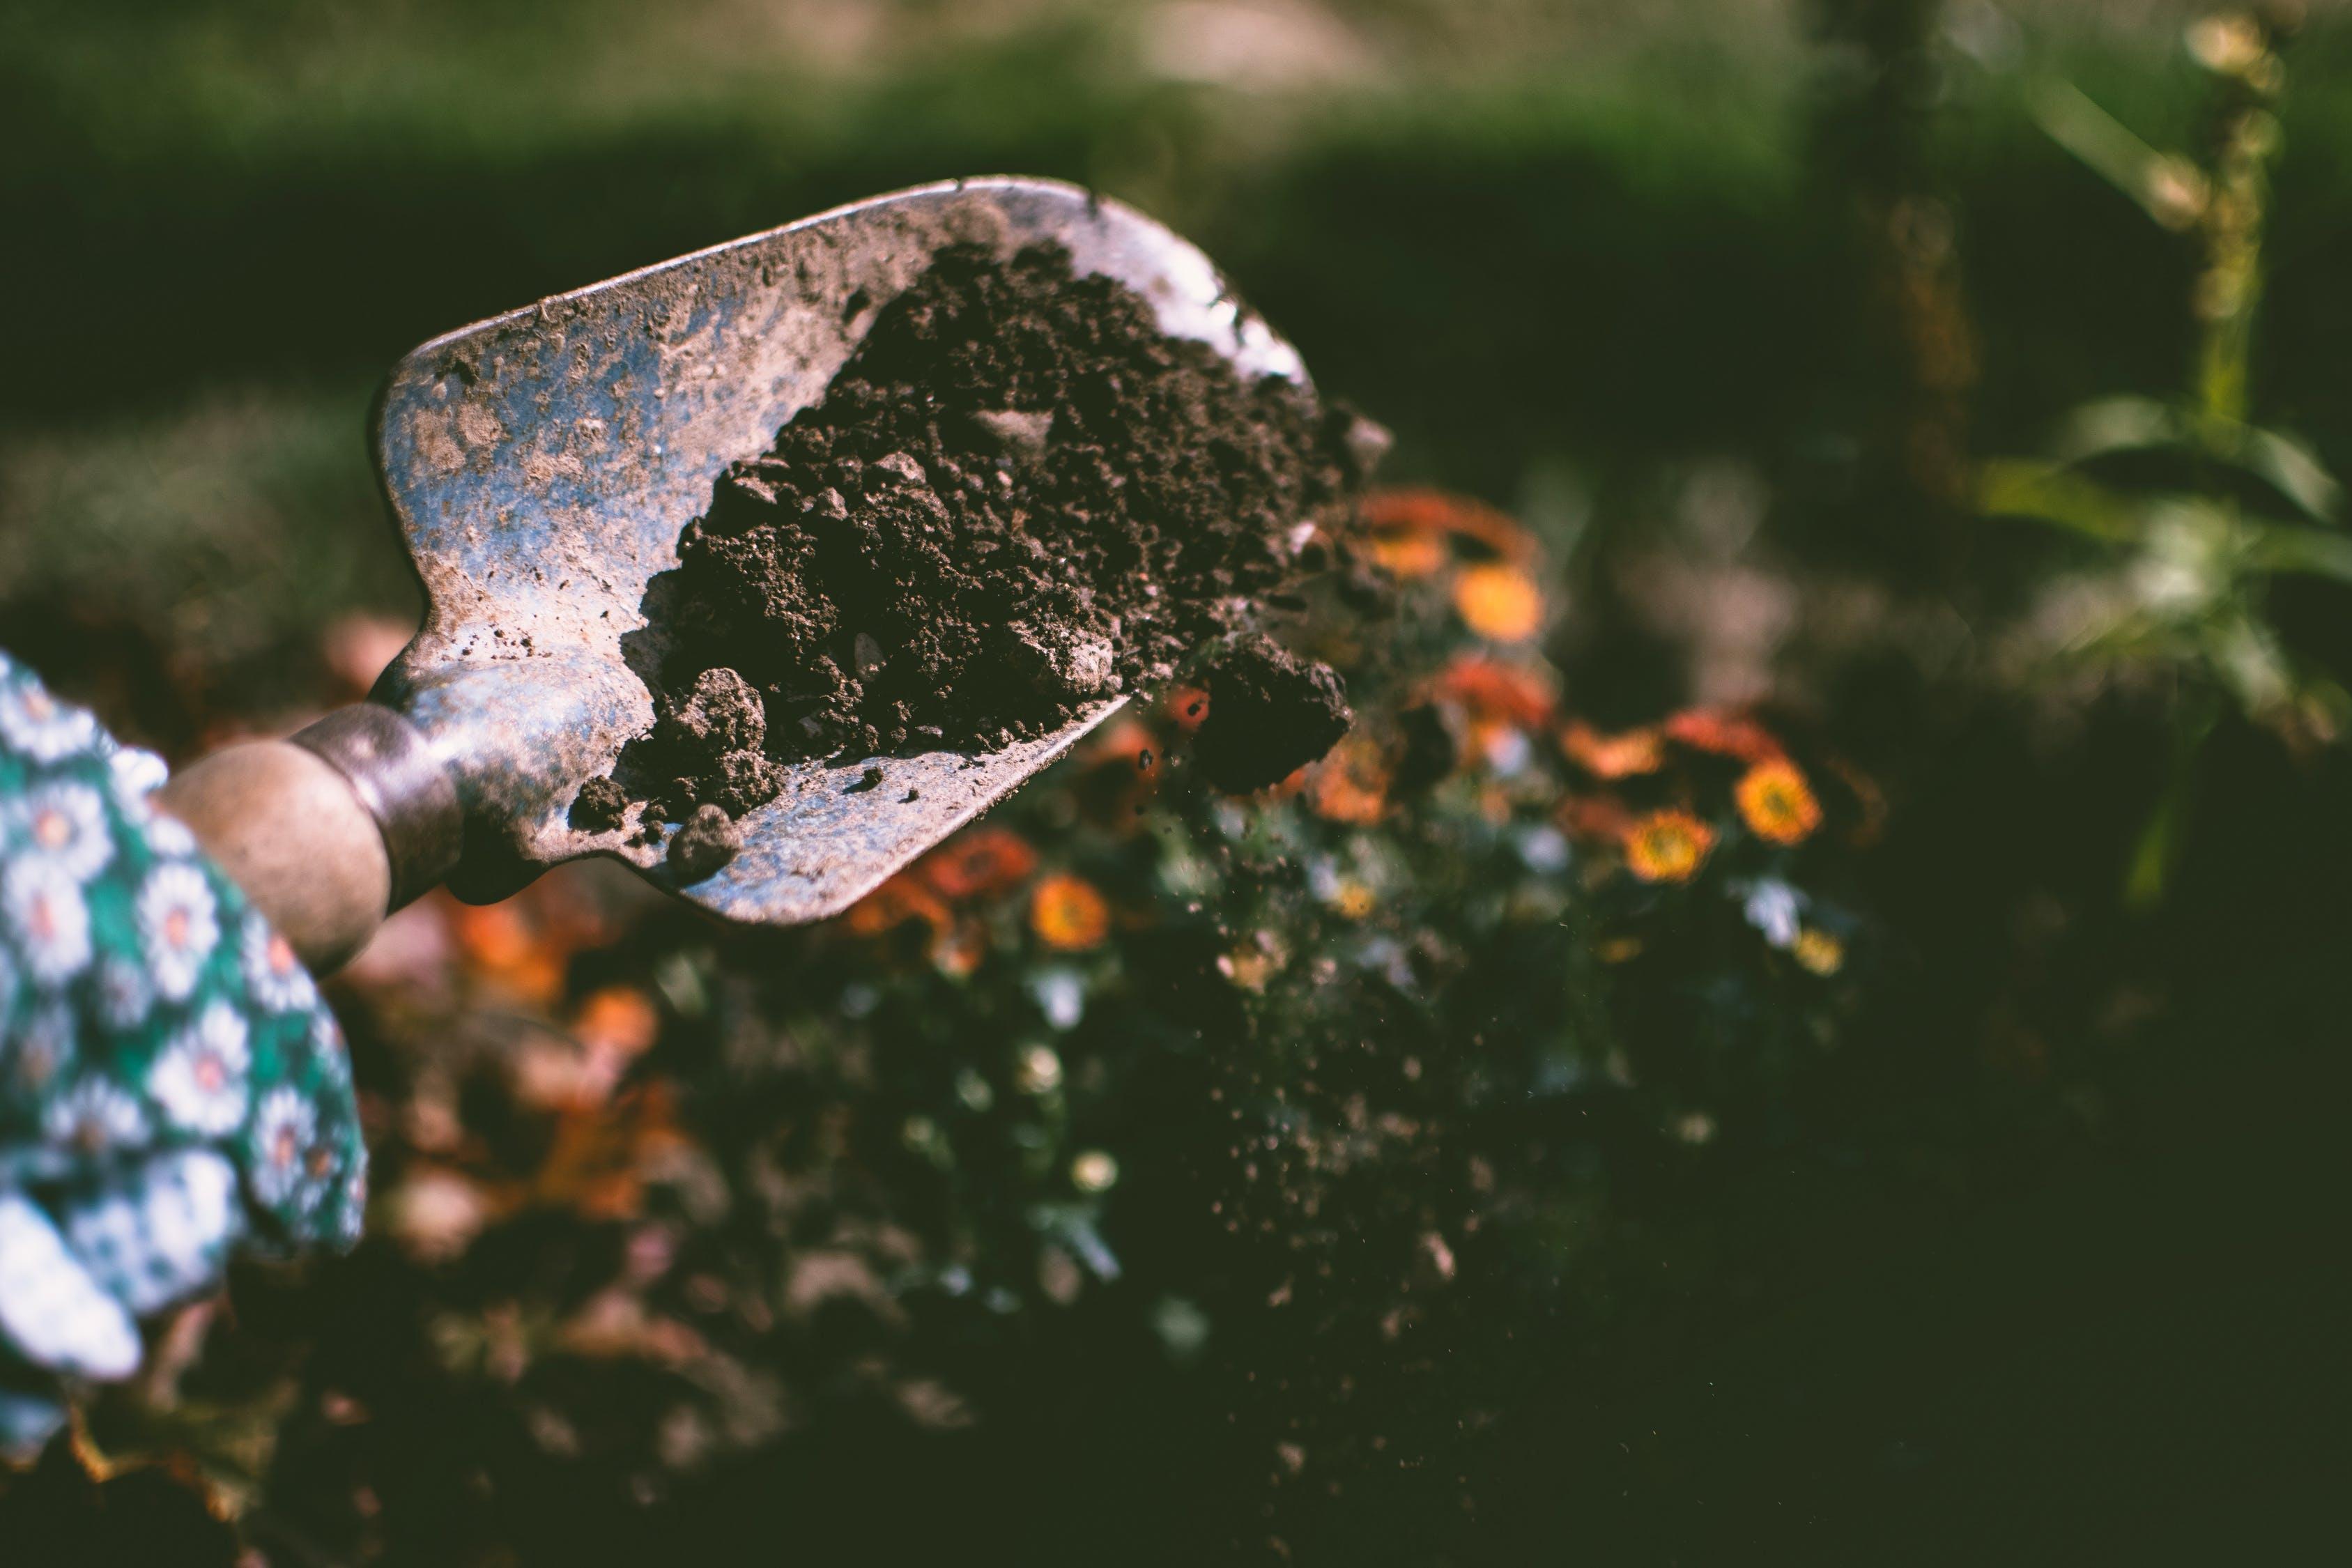 garden soil, dirt